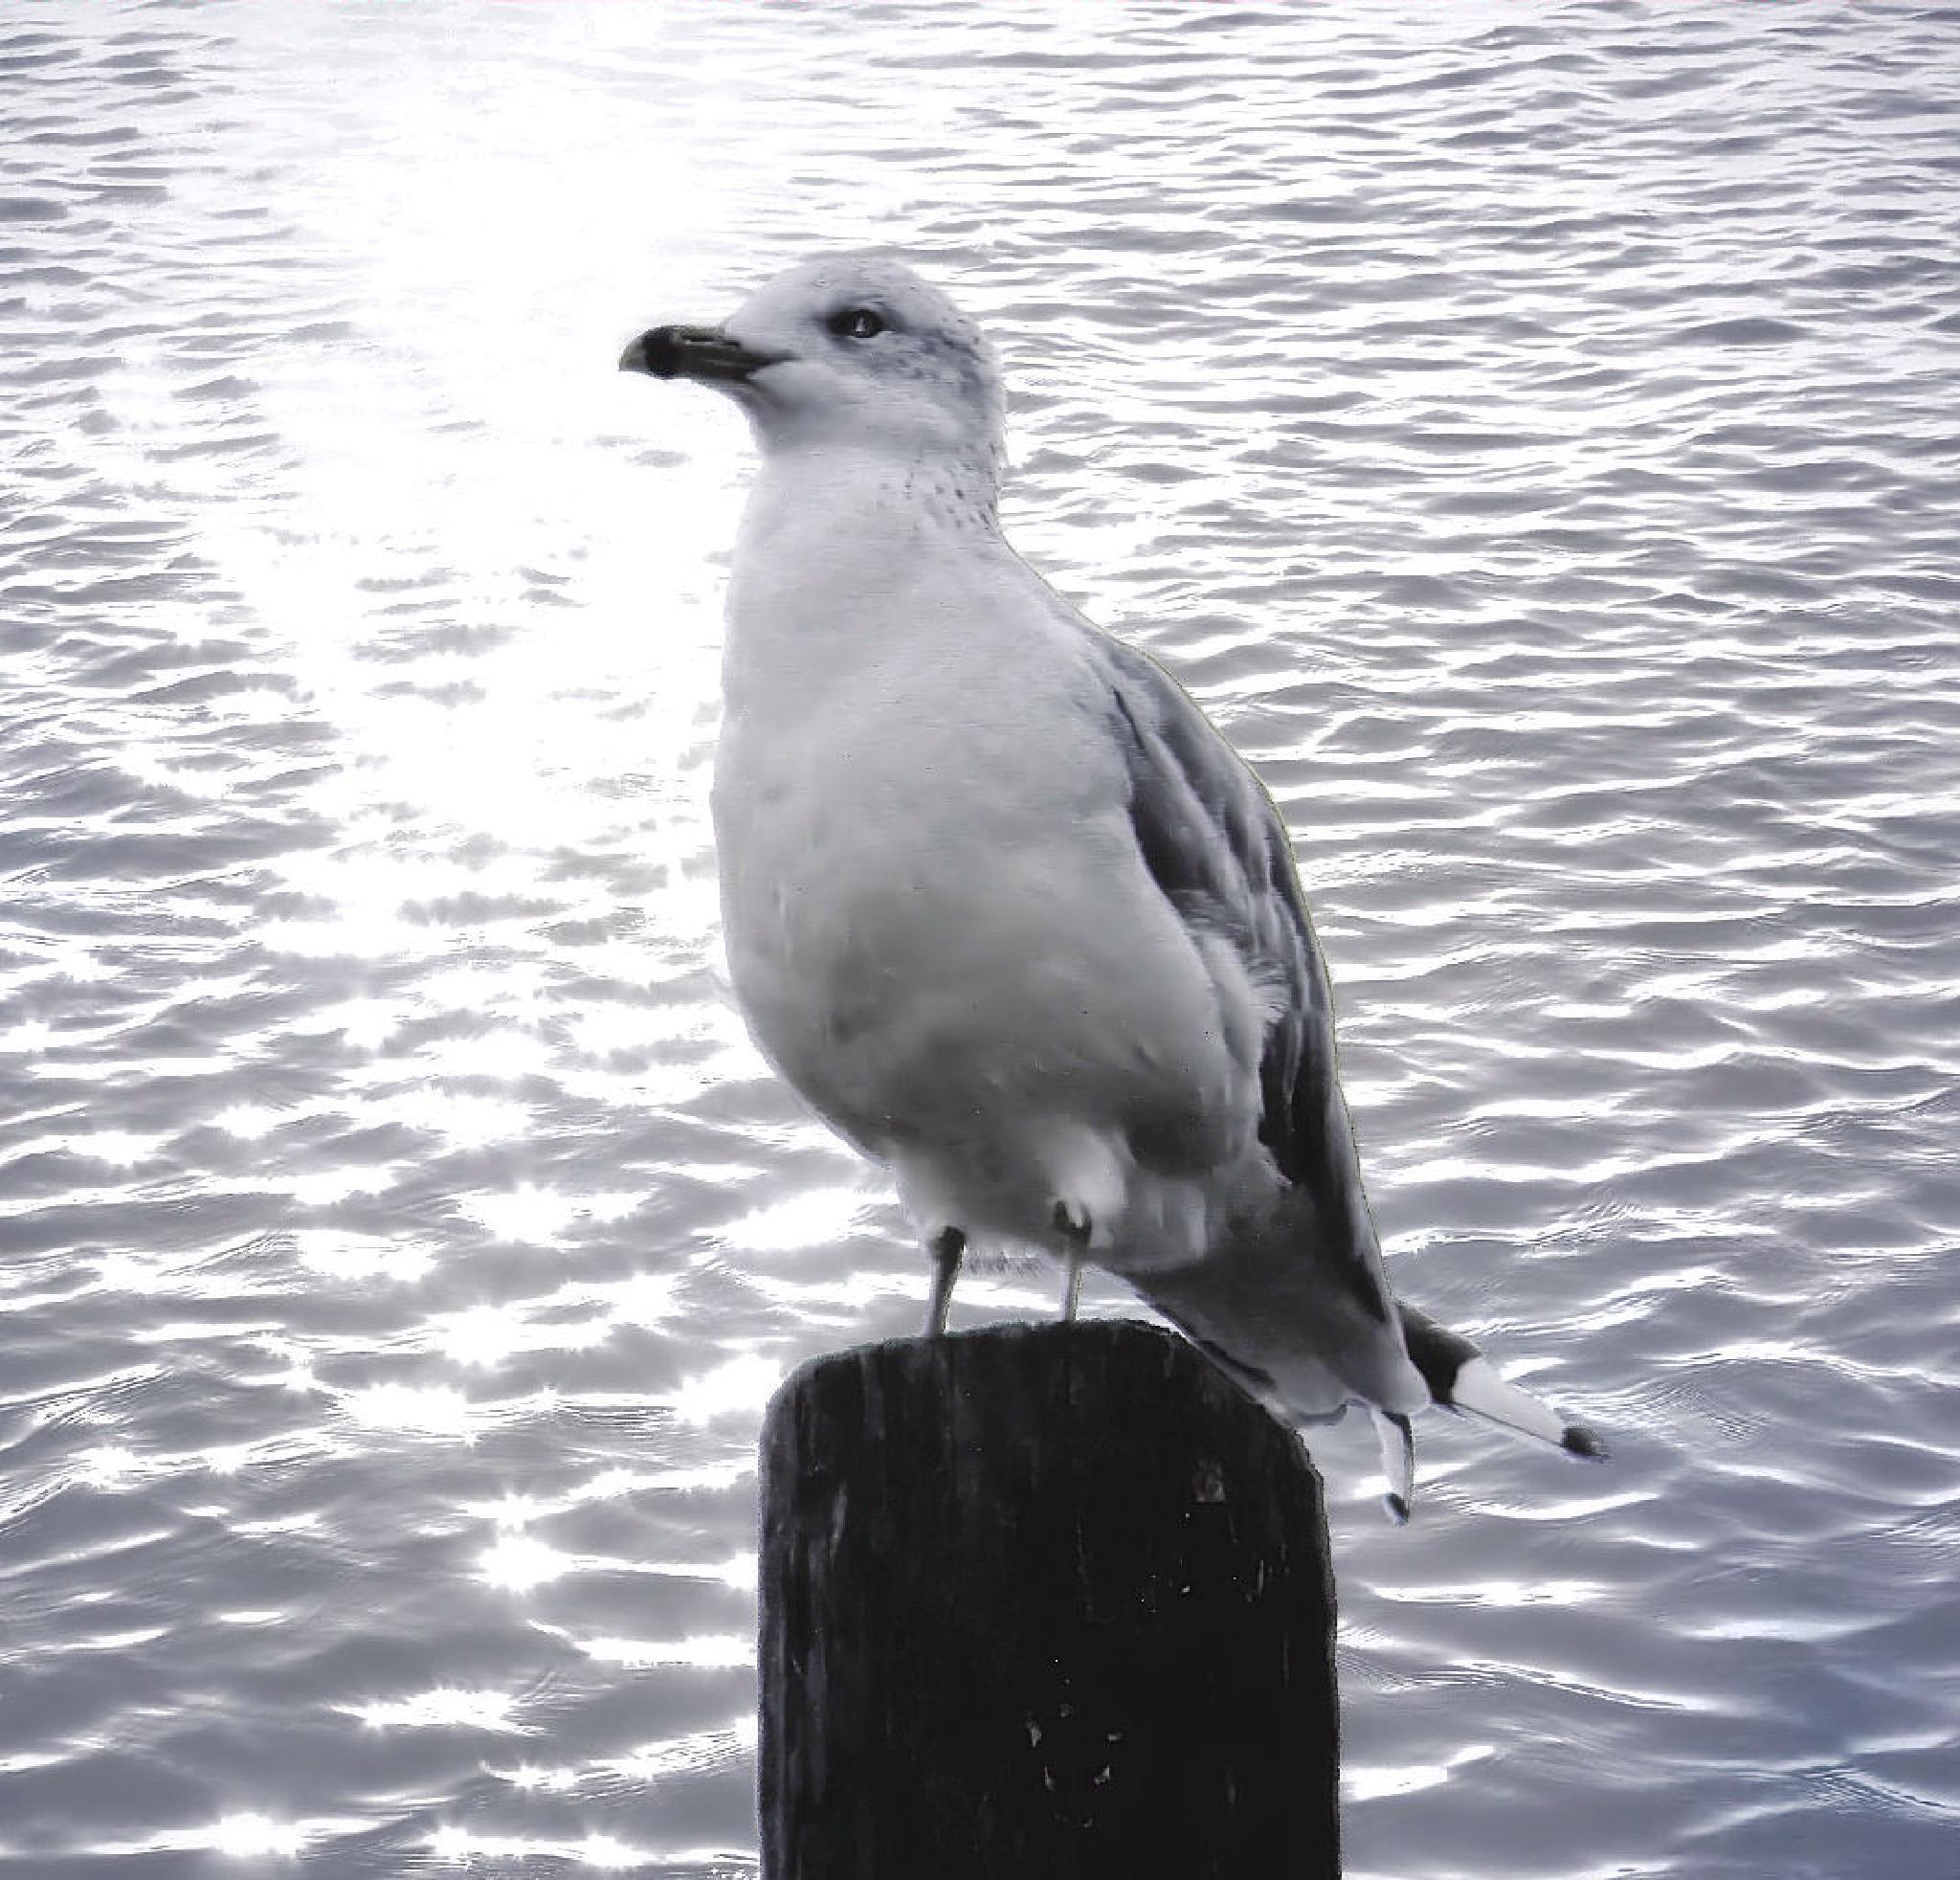 Seagull by Darlene Eastin